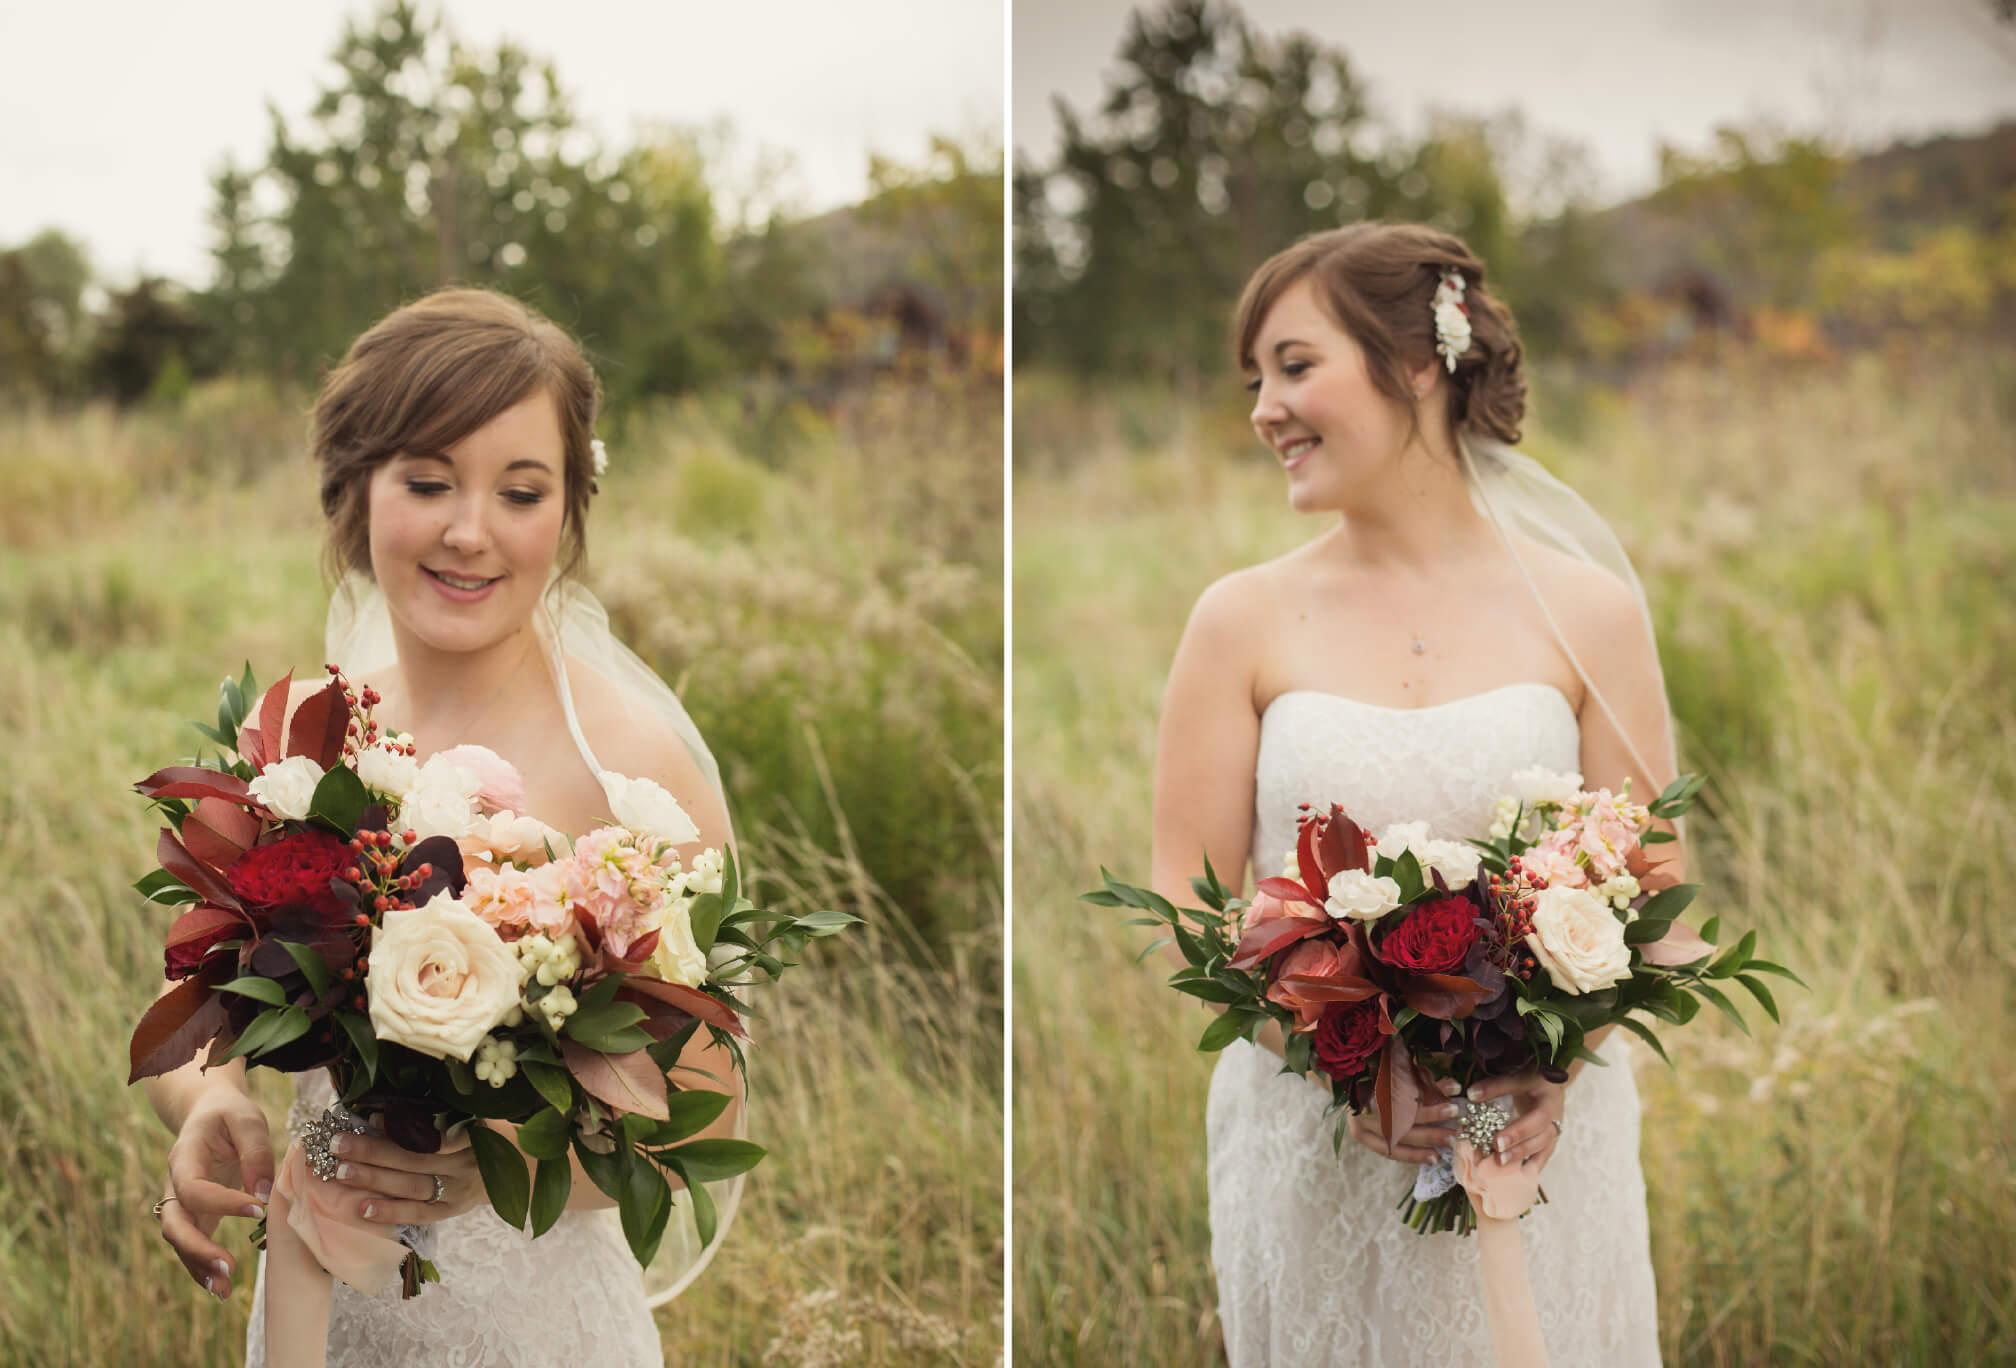 autumn bride details ontario